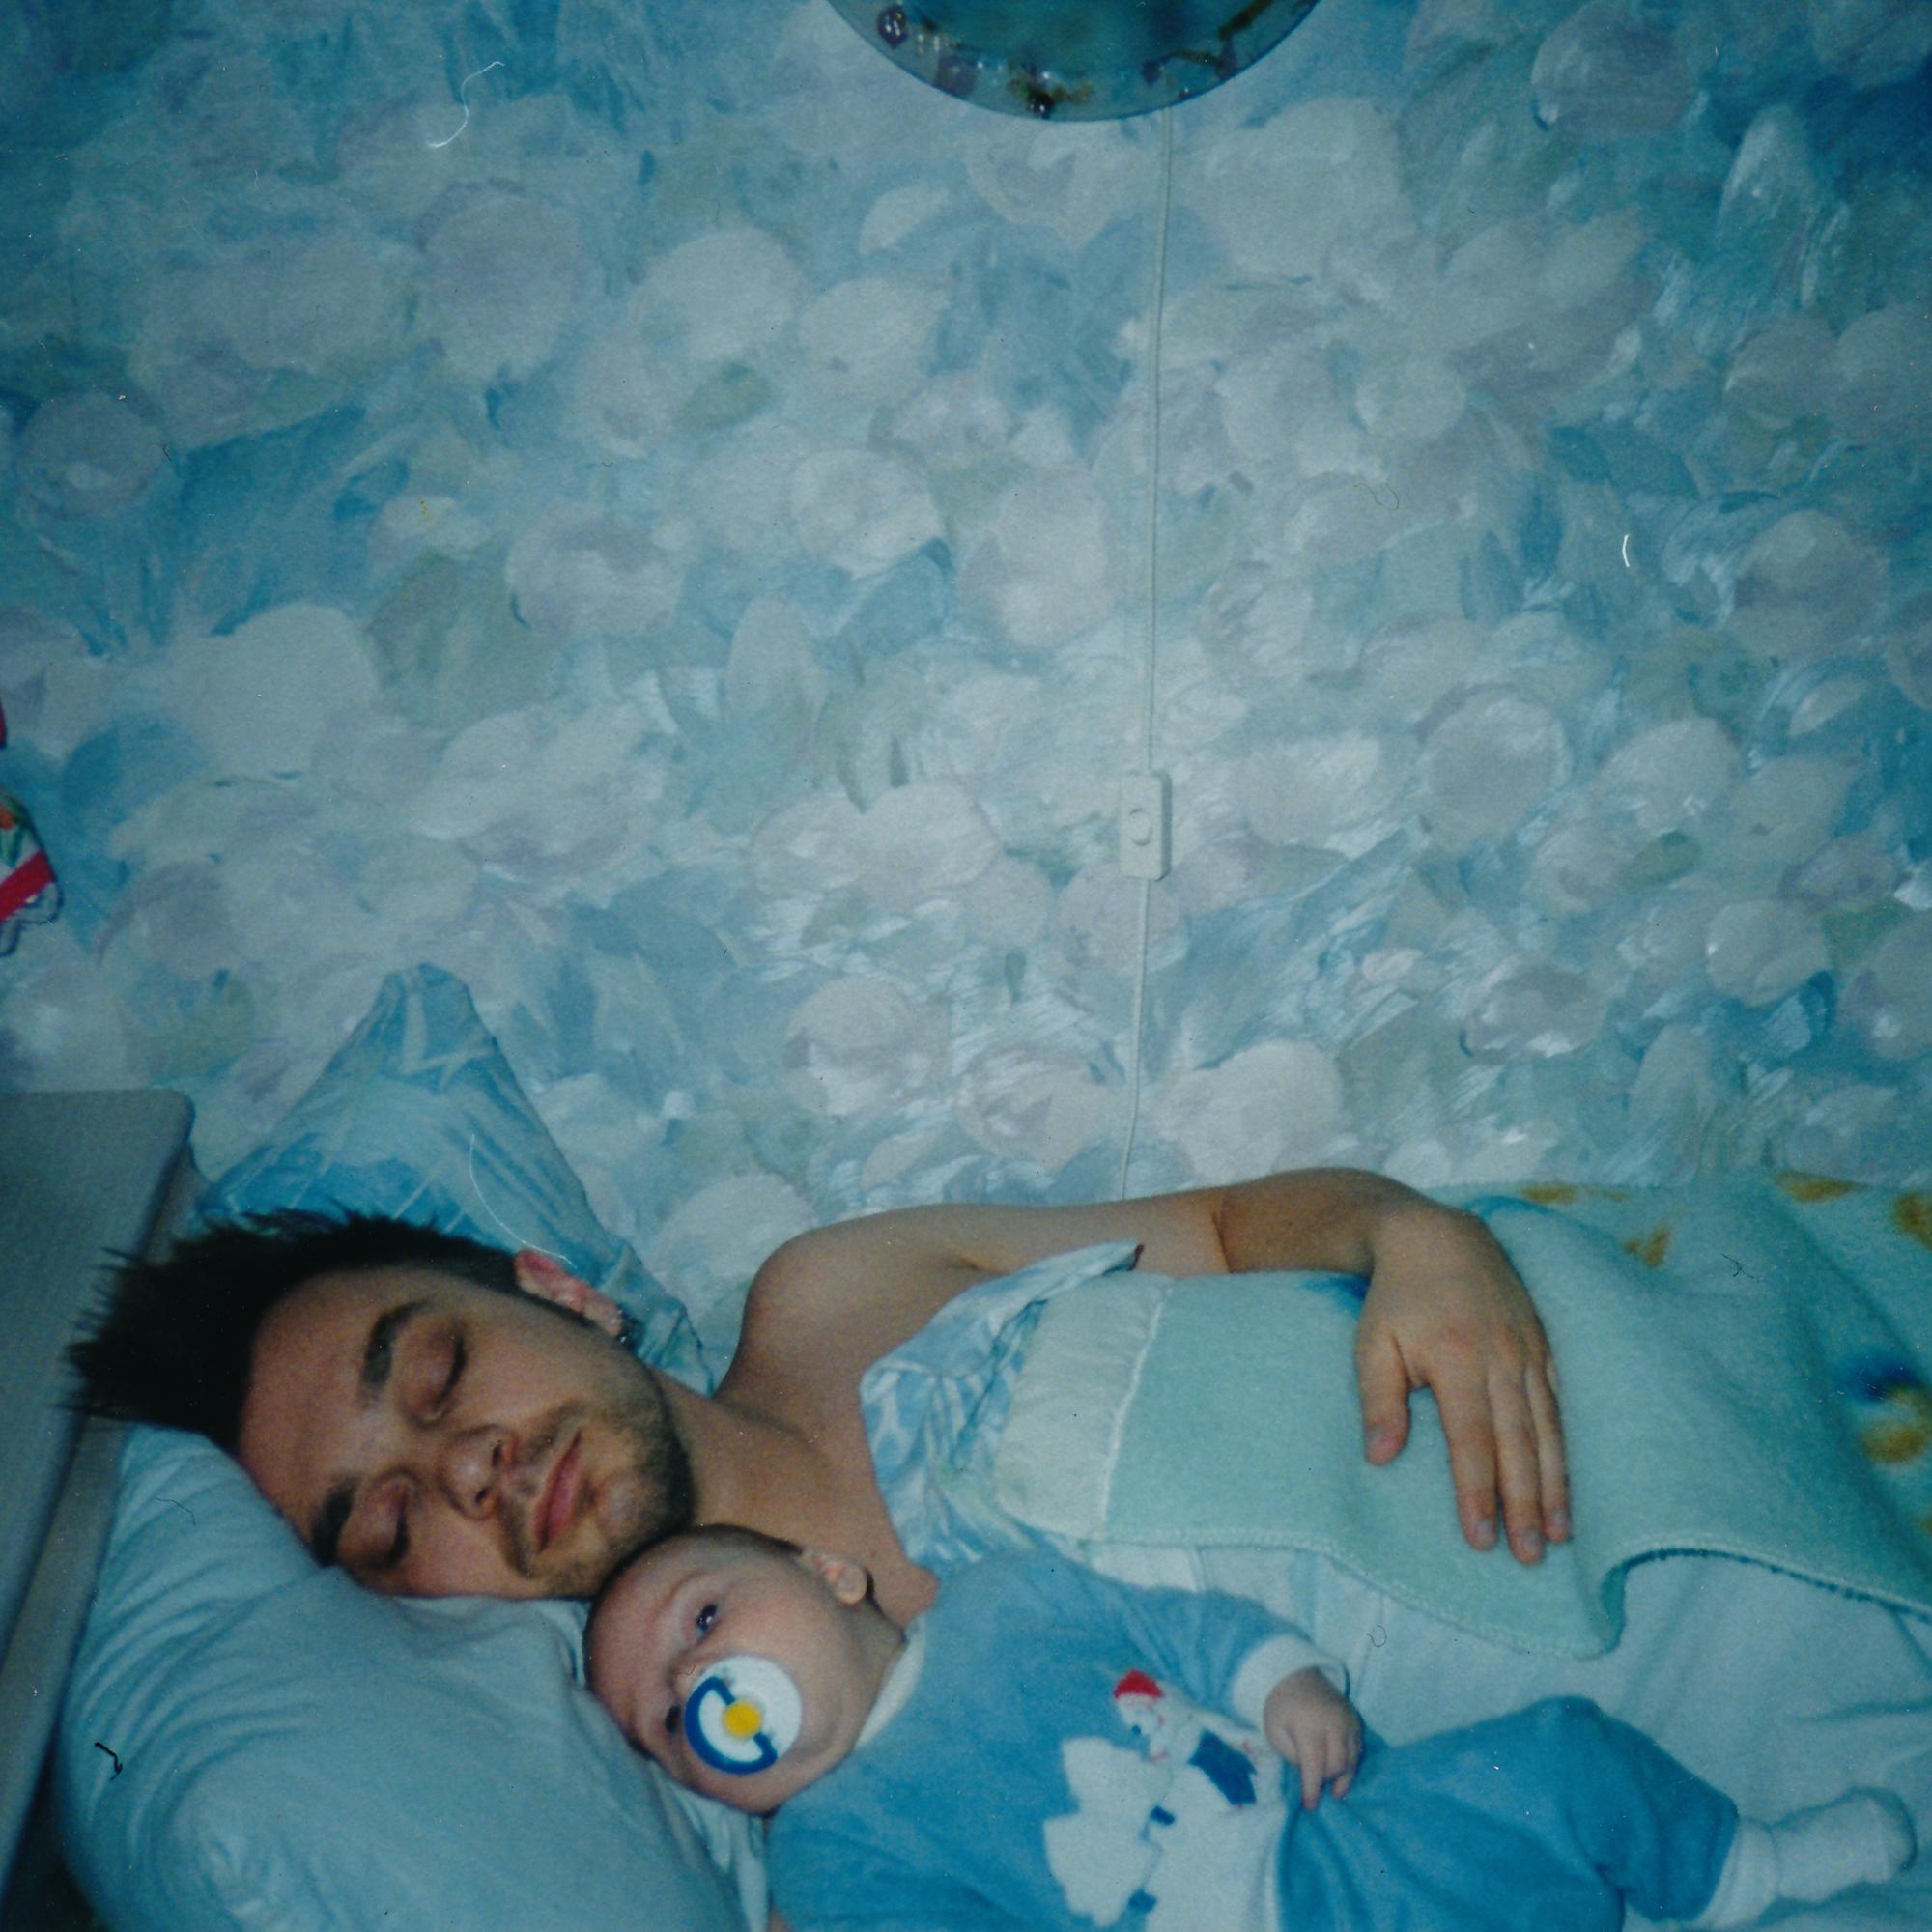 1998 m. antras vaikas, vardu Andrius